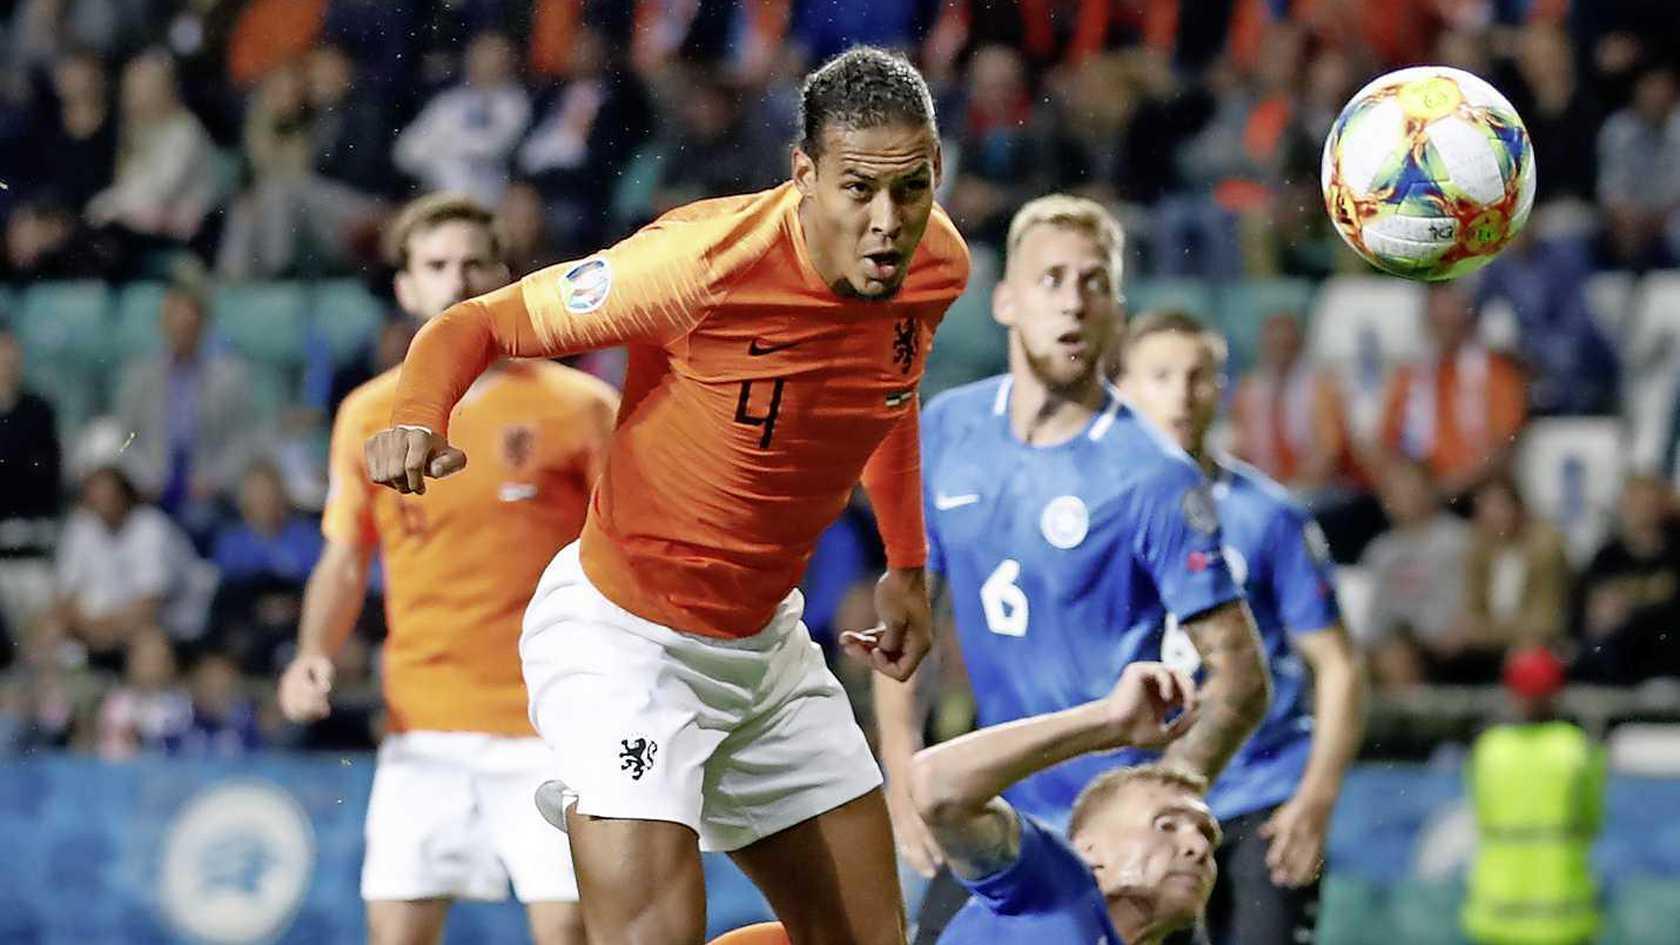 荷兰收获两连胜!范戴克:这个夜间不错嘛